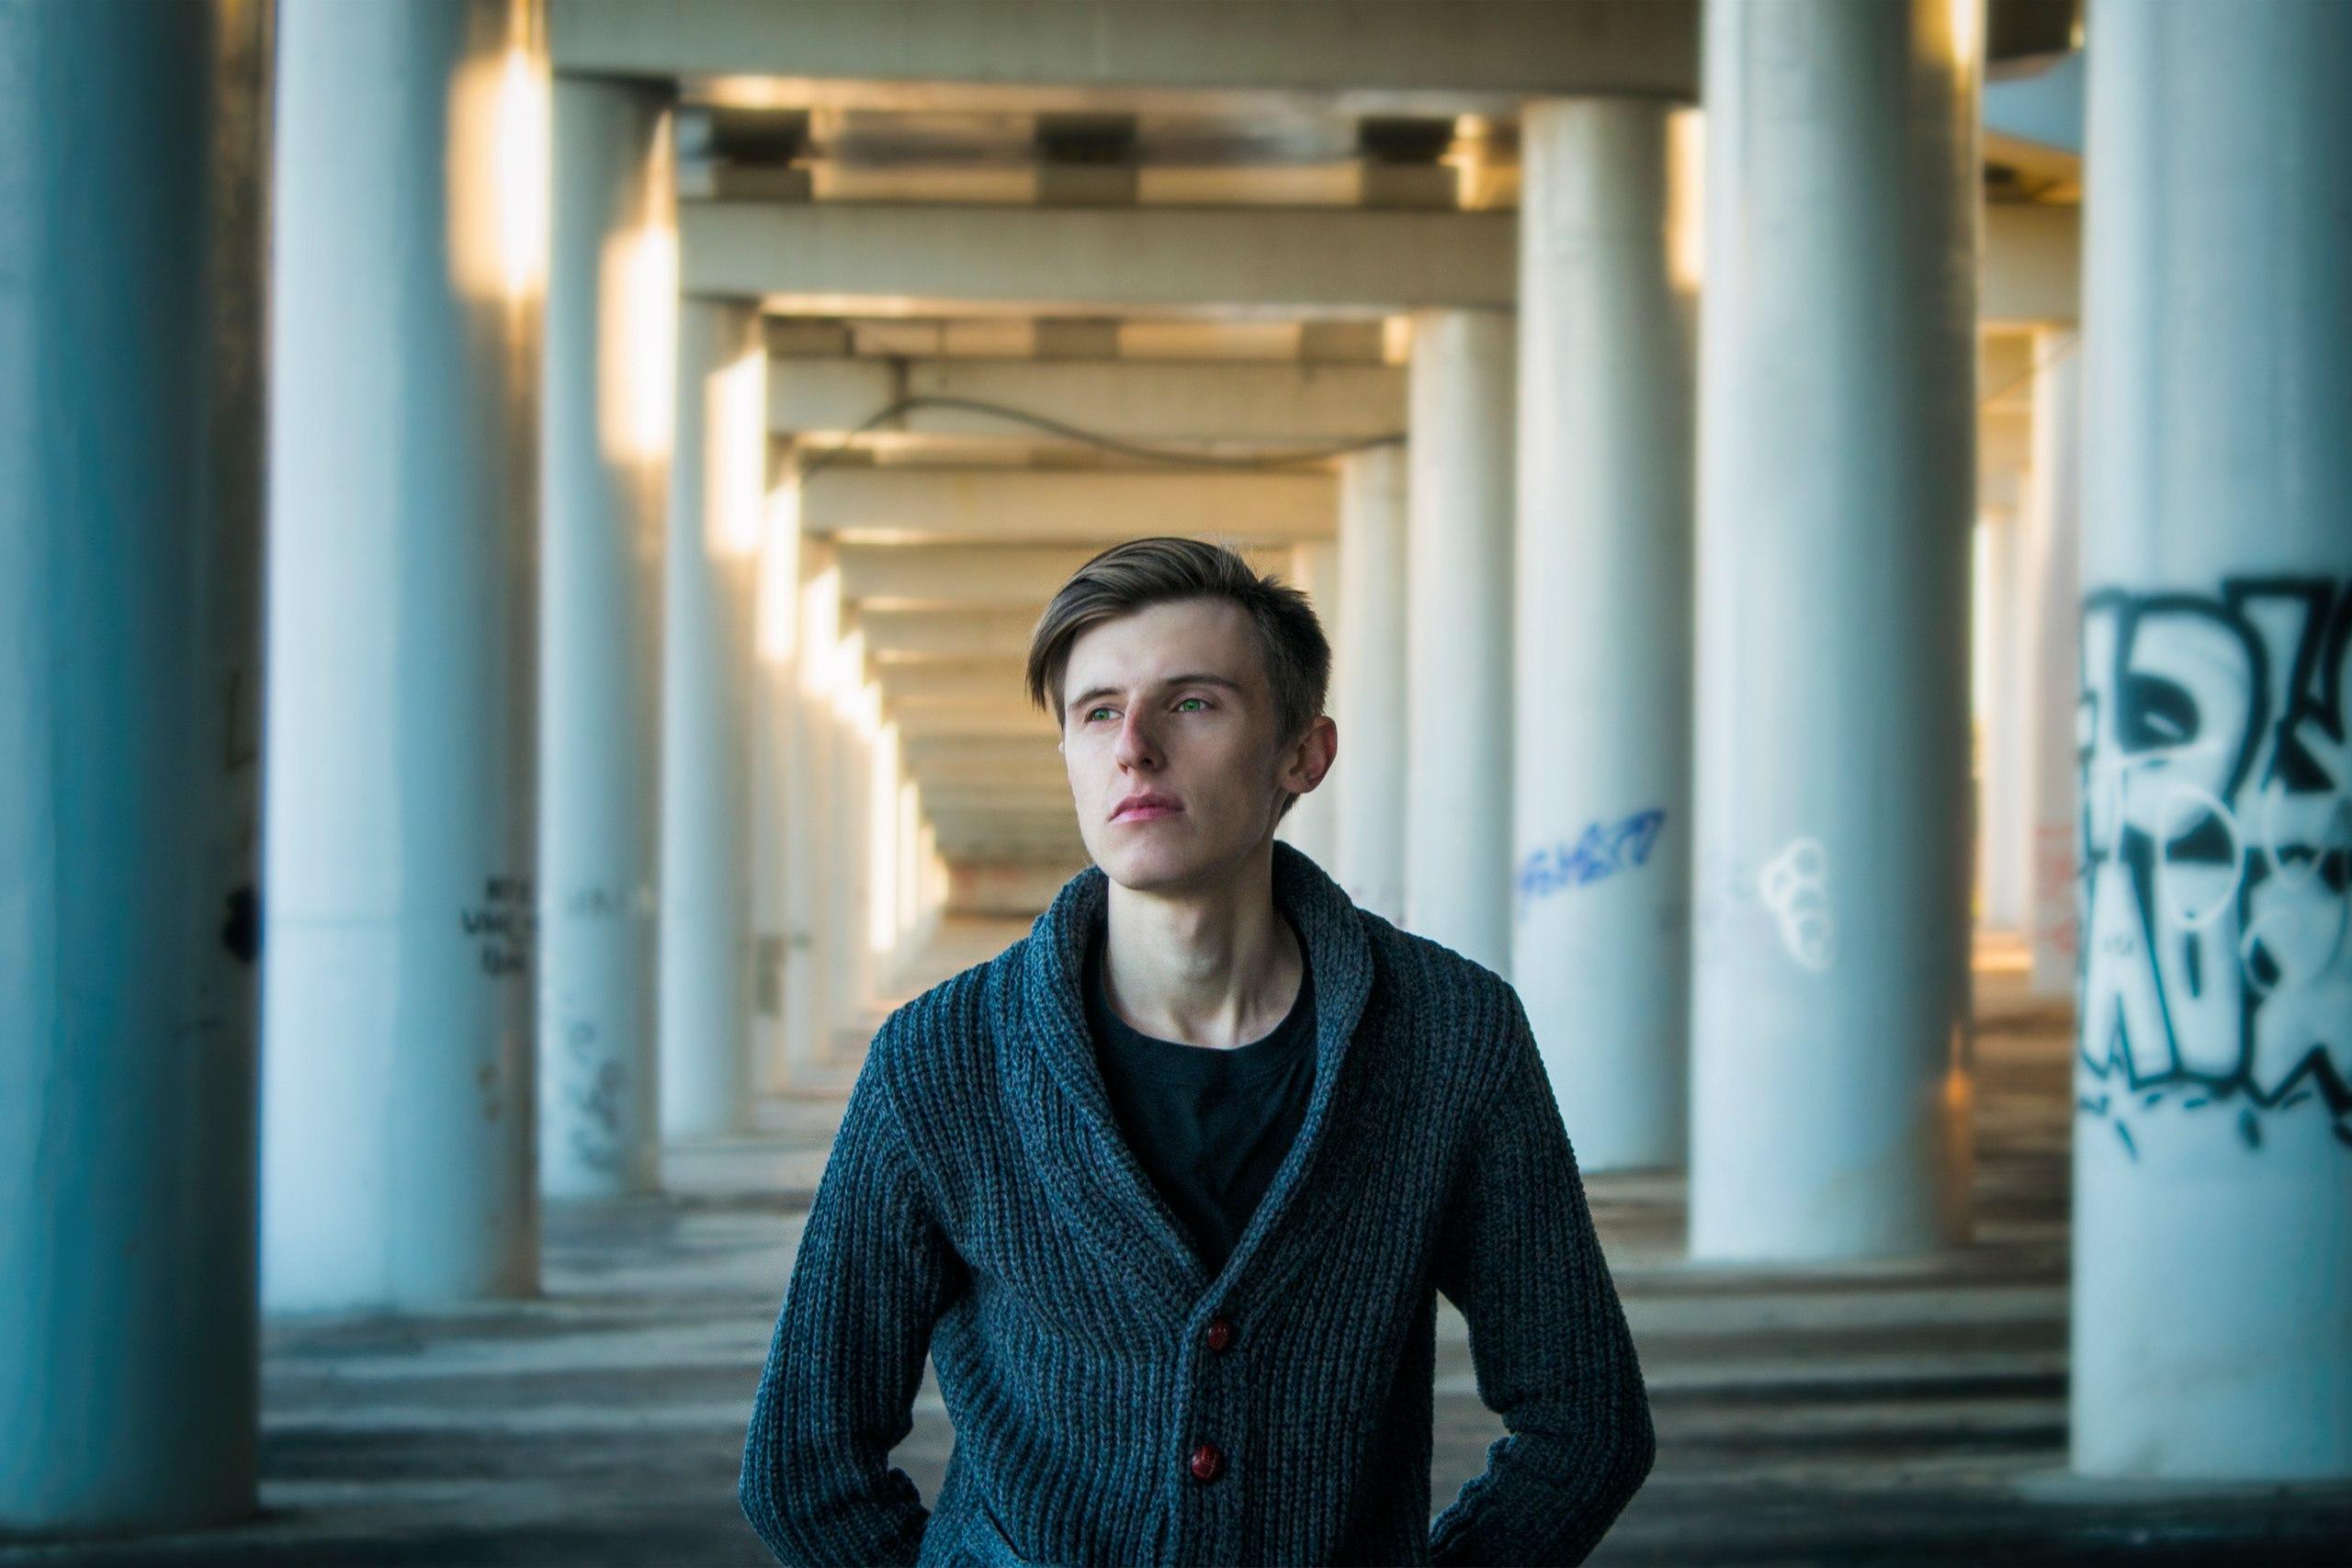 Режиссёр монтажа РИА «Верхневолжье» обучит видео искусству  в Твери